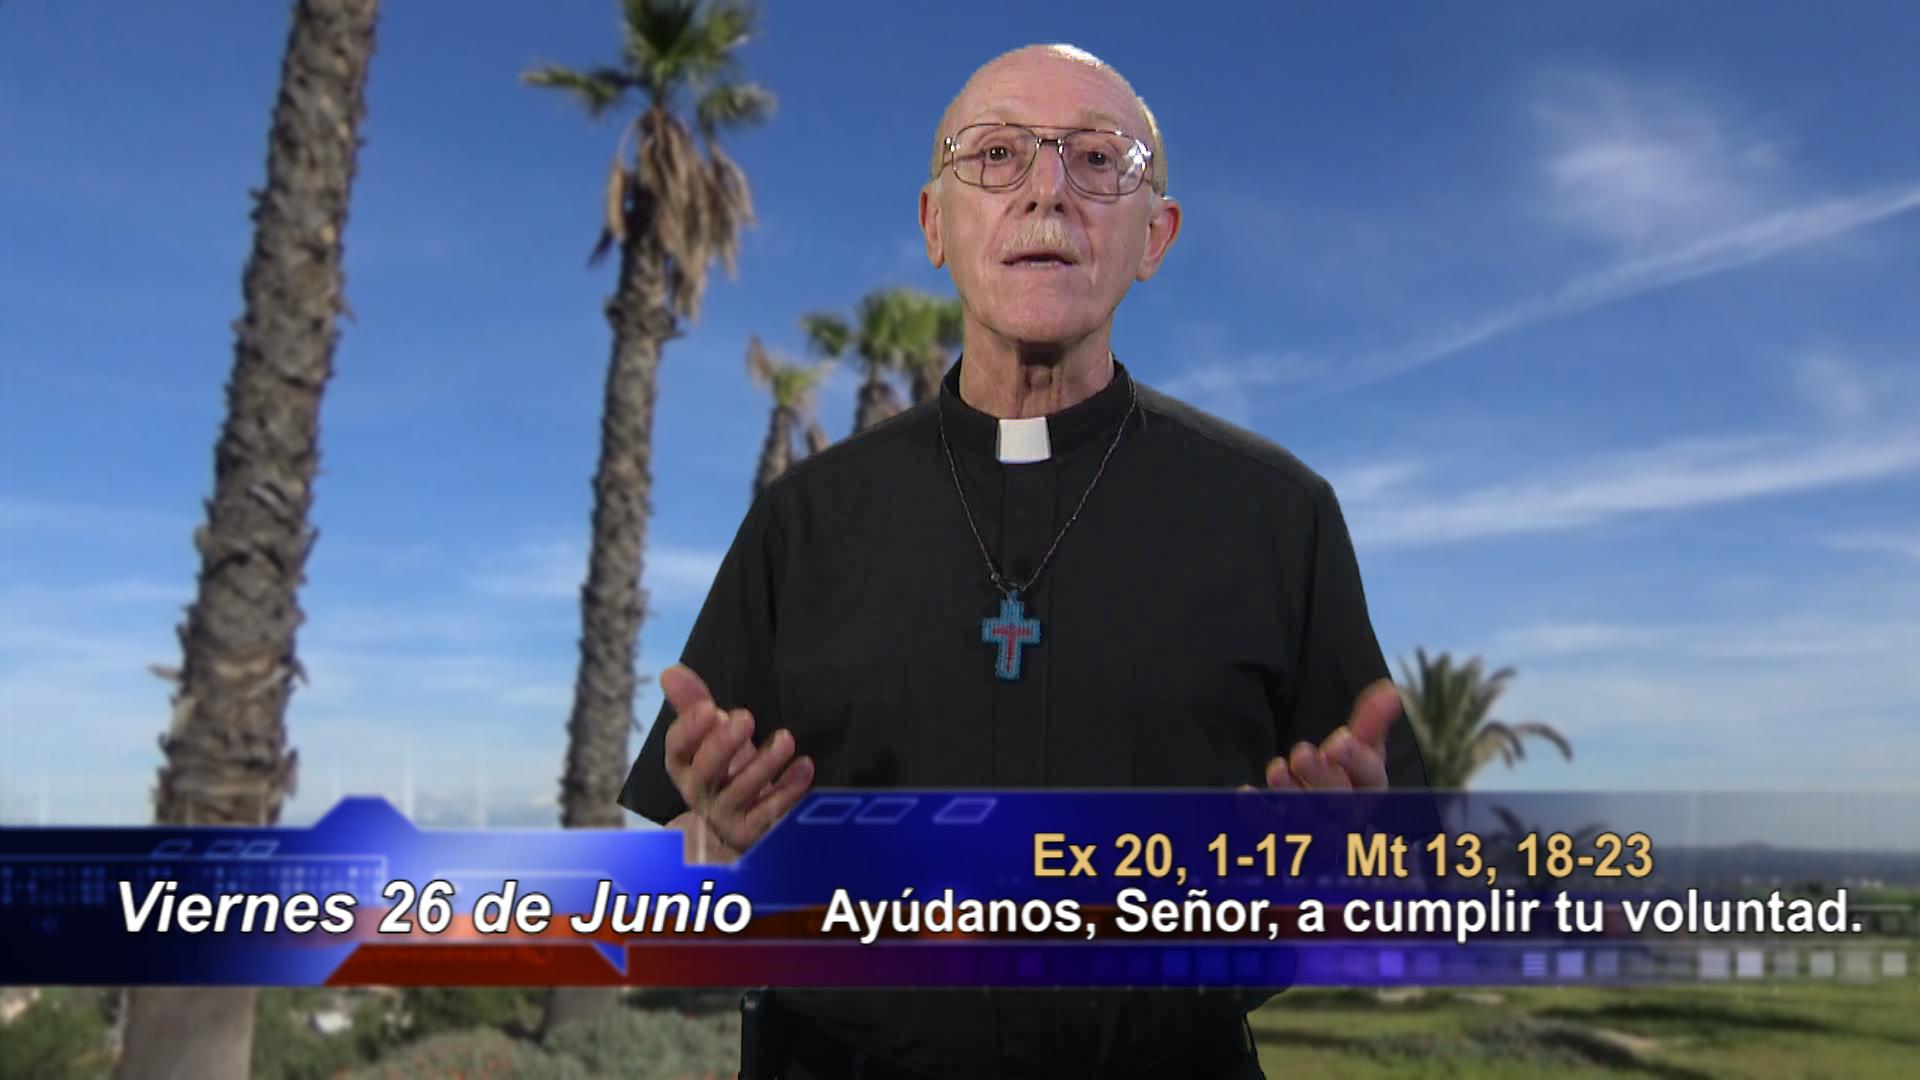 Artwork for Dios te Habla con Fr. Lenny de Pasquale; El tema: Ayúdanos, Señor, a cumplir tu voluntad.